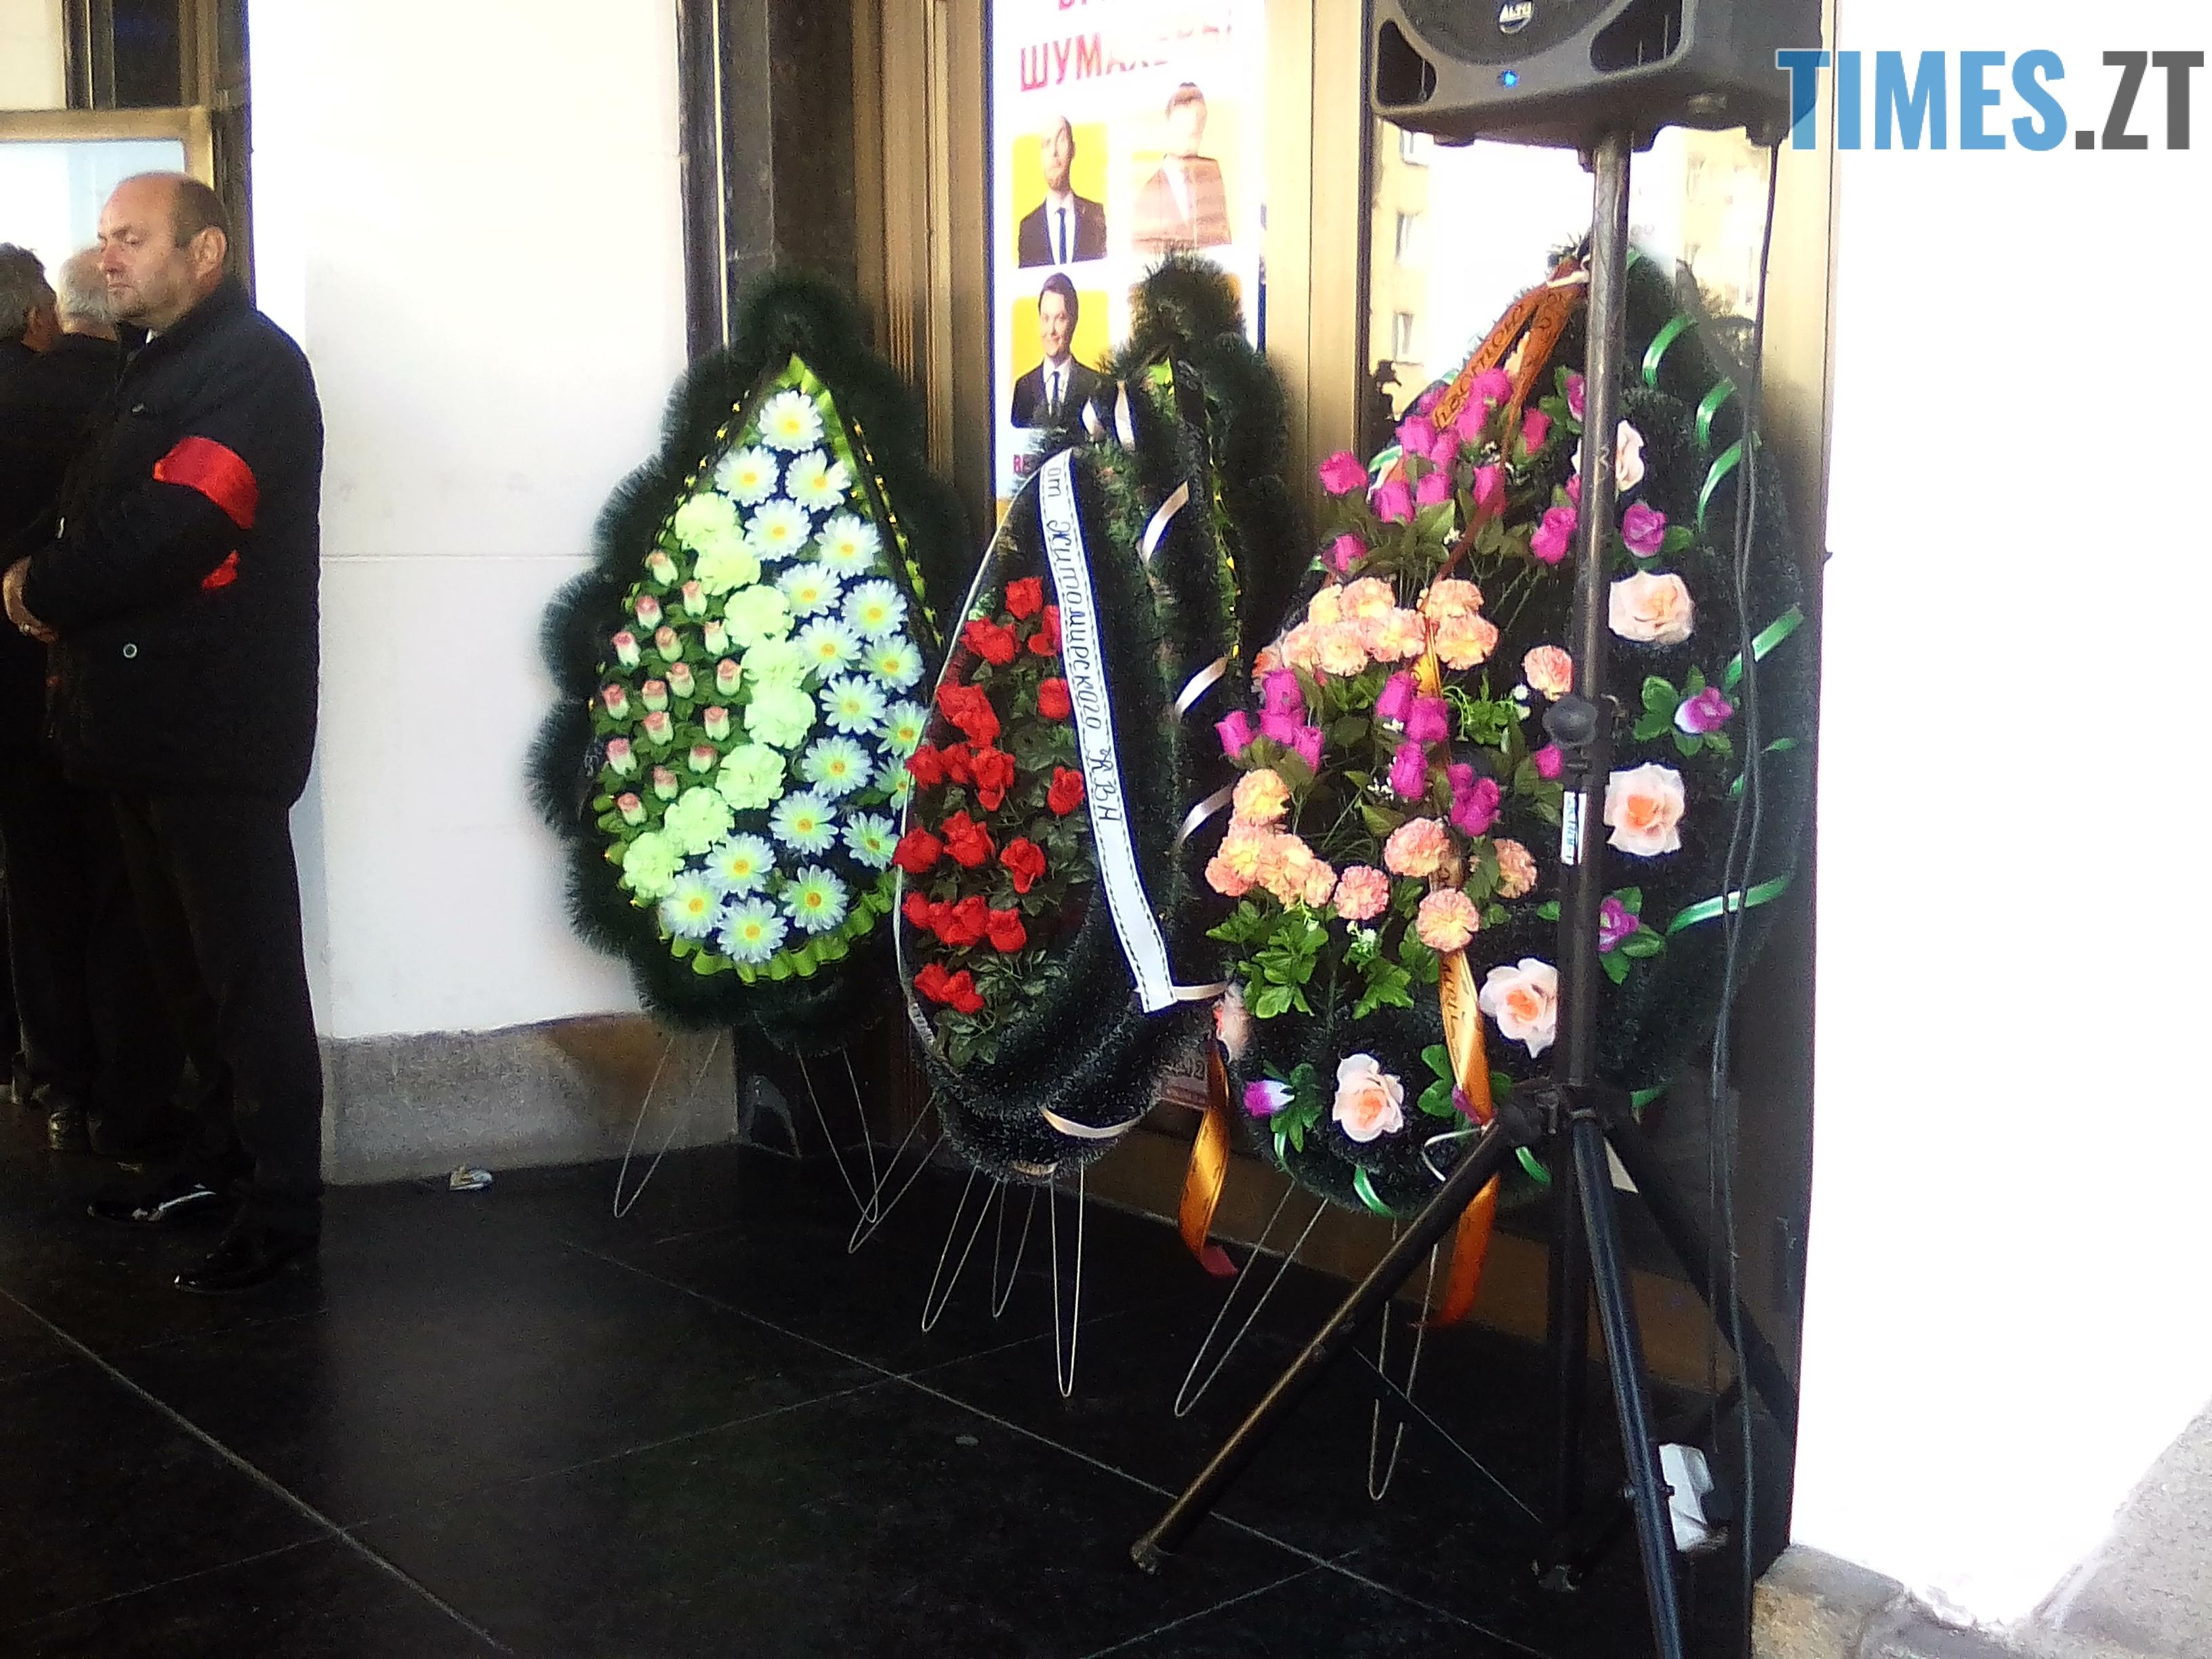 IMG 20181022 122126 - Тисячі житомирян попрощались з акторкою Мариною Поплавською